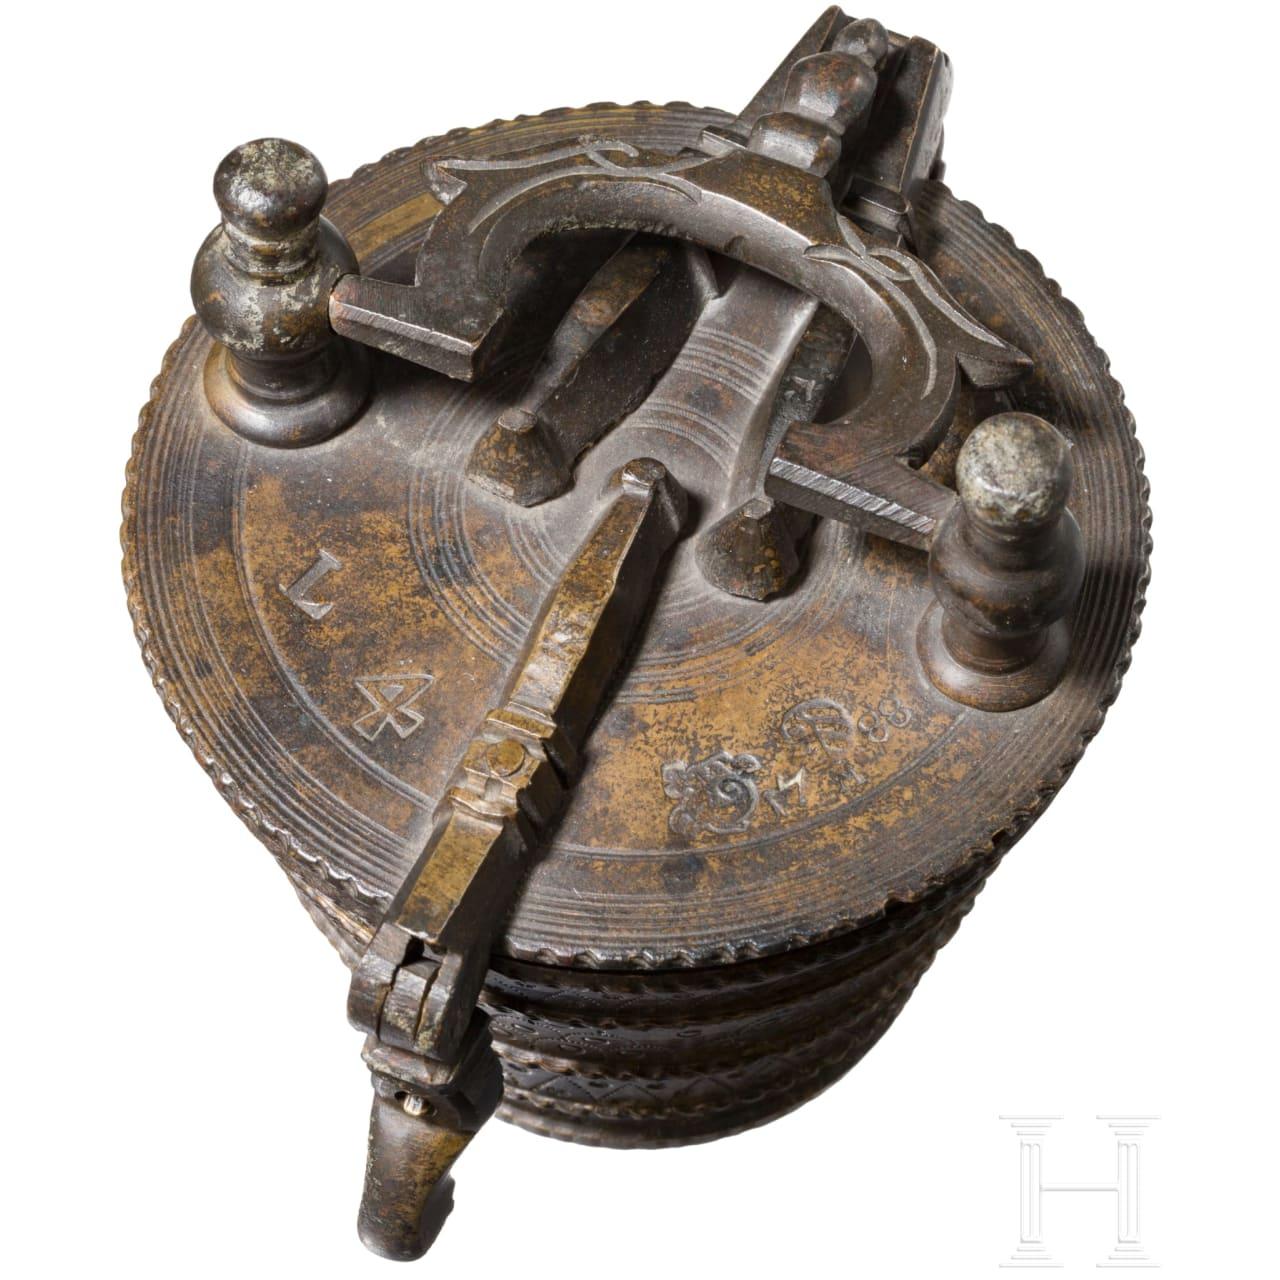 Bechergewicht zu vier Pfund, Nürnberg, datiert 1788